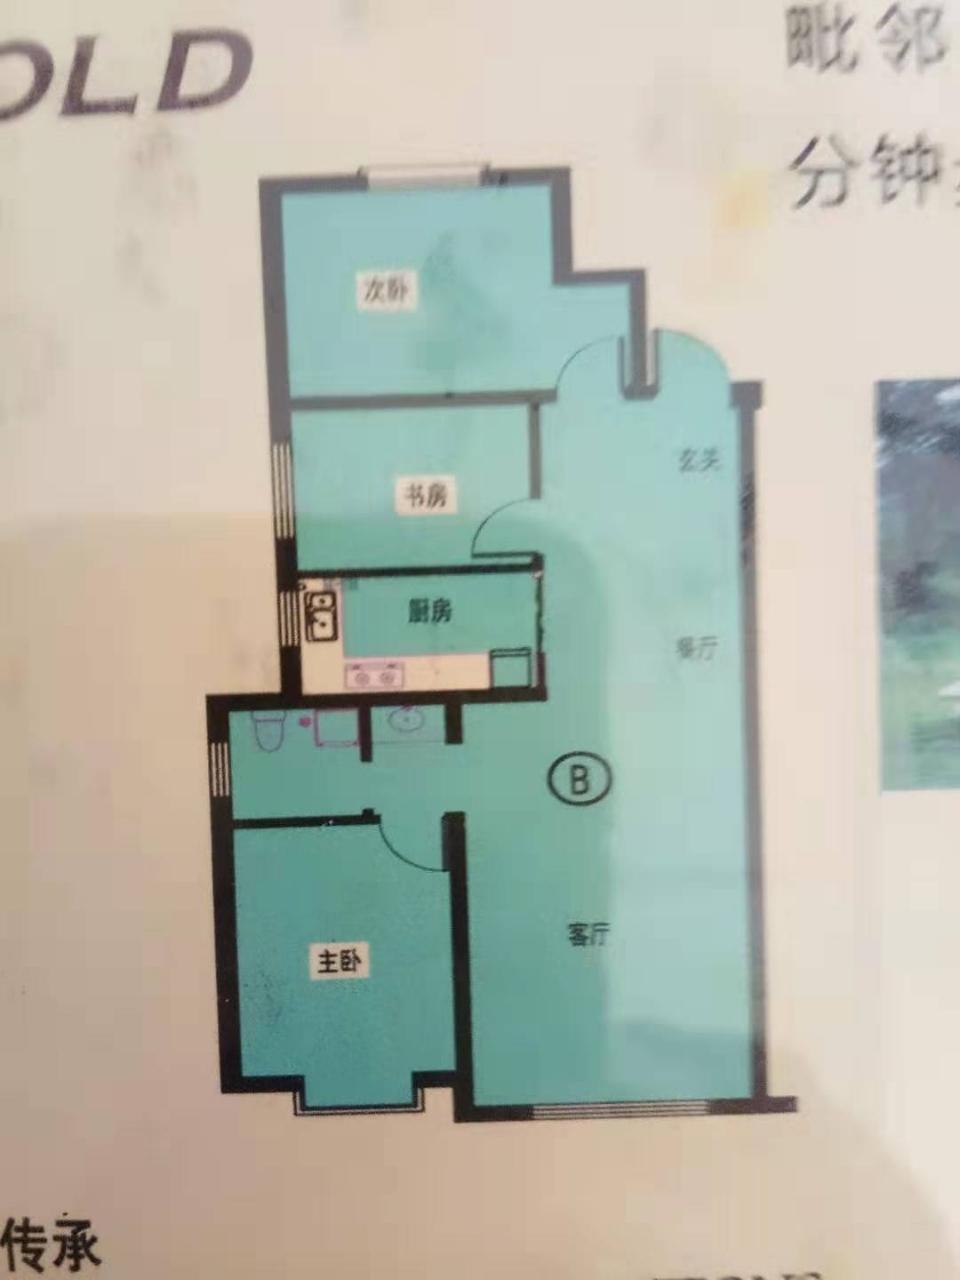 巨龙庭院2室 2厅 1卫48.6万元